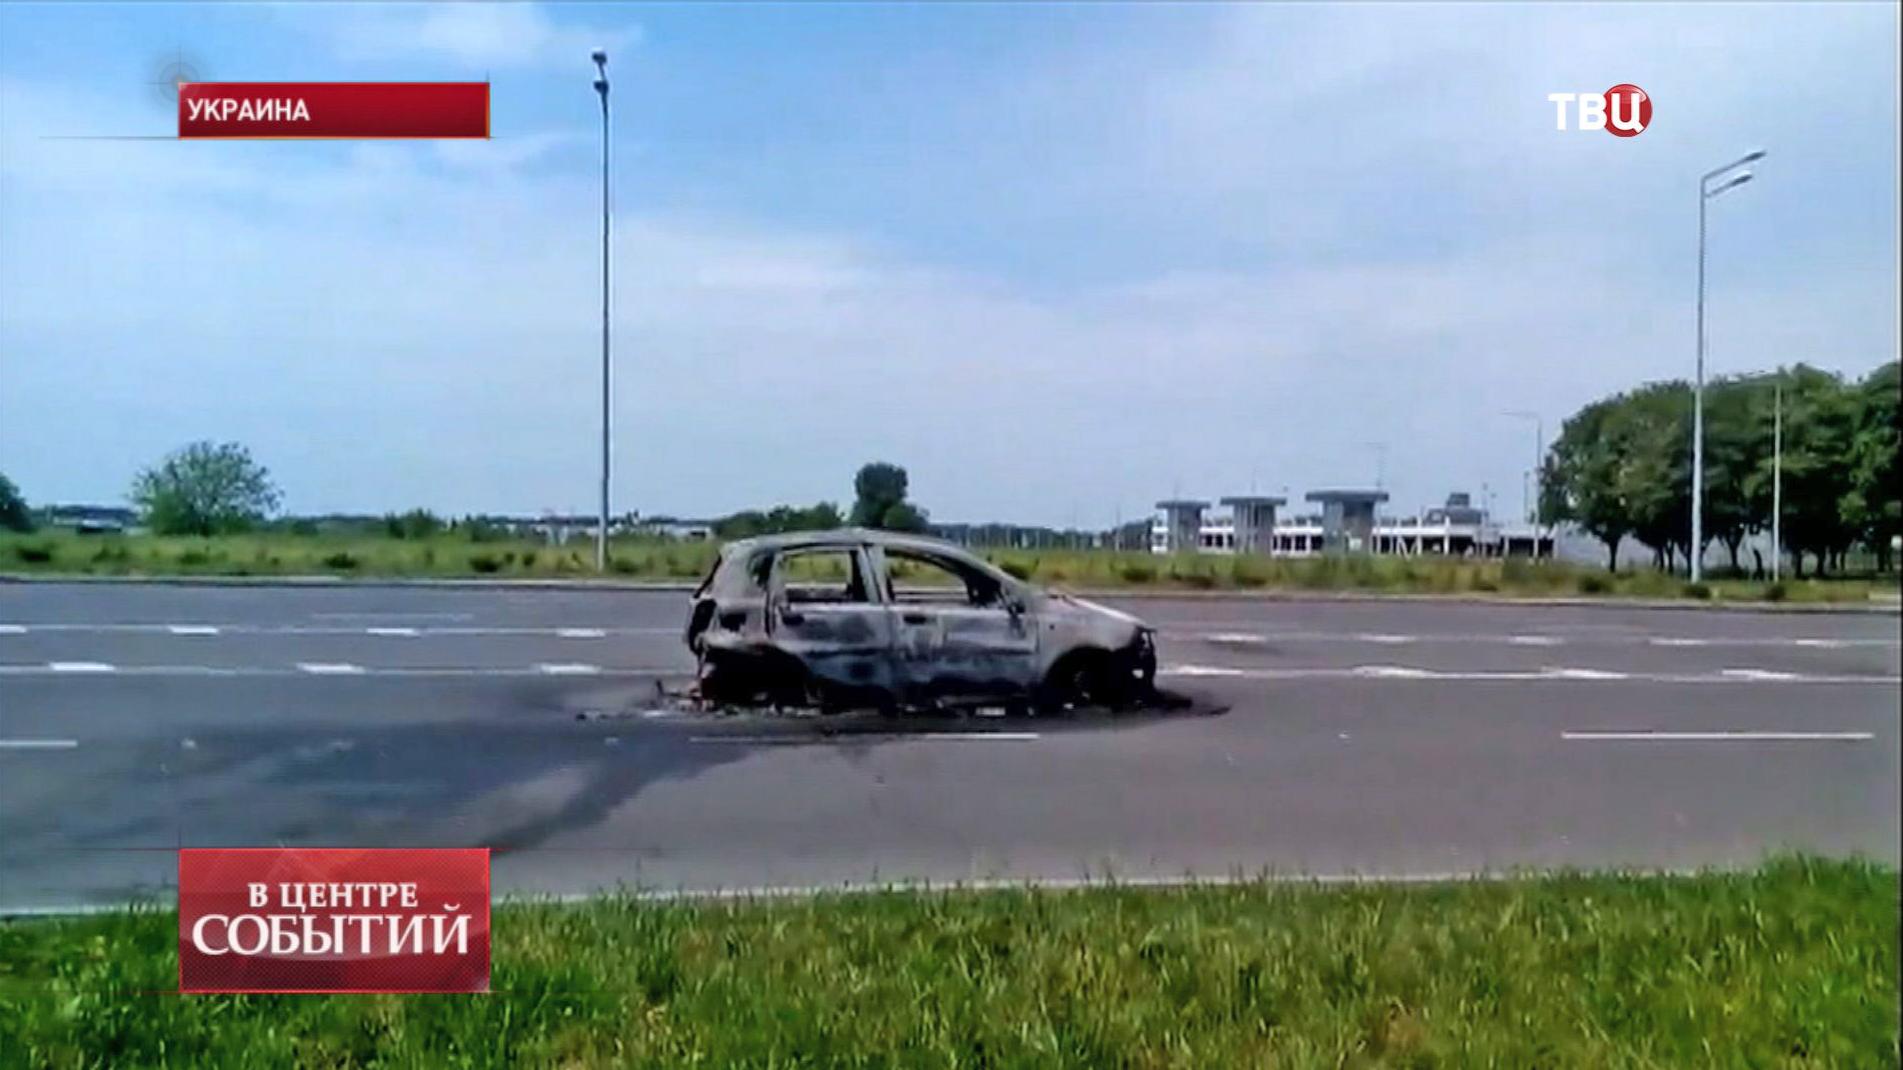 Сгоревшая машина на дороге в Украине